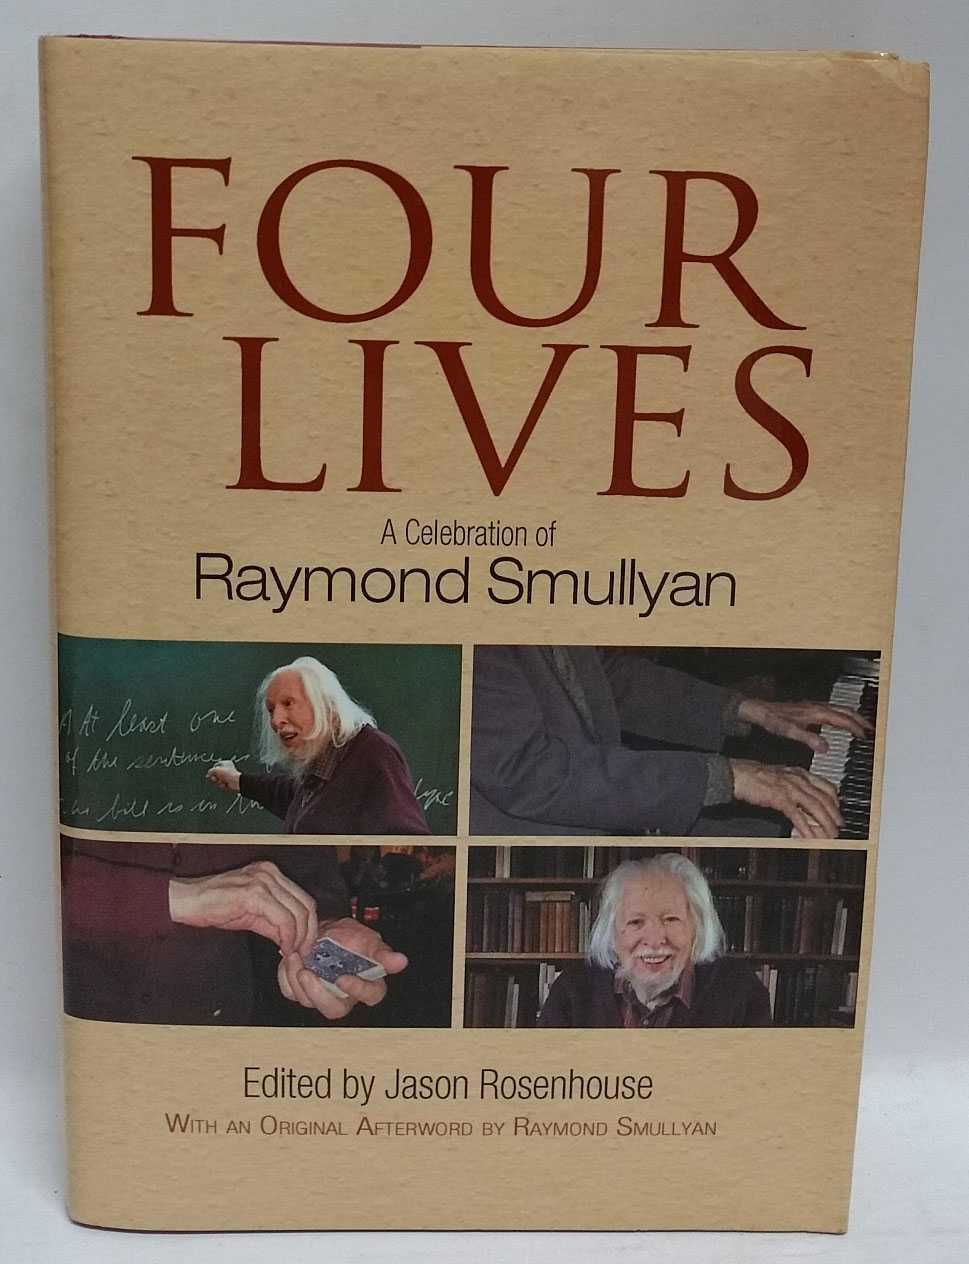 JASON ROSENHOUSE - Four Lives: A Celebration of Raymond Smullyan